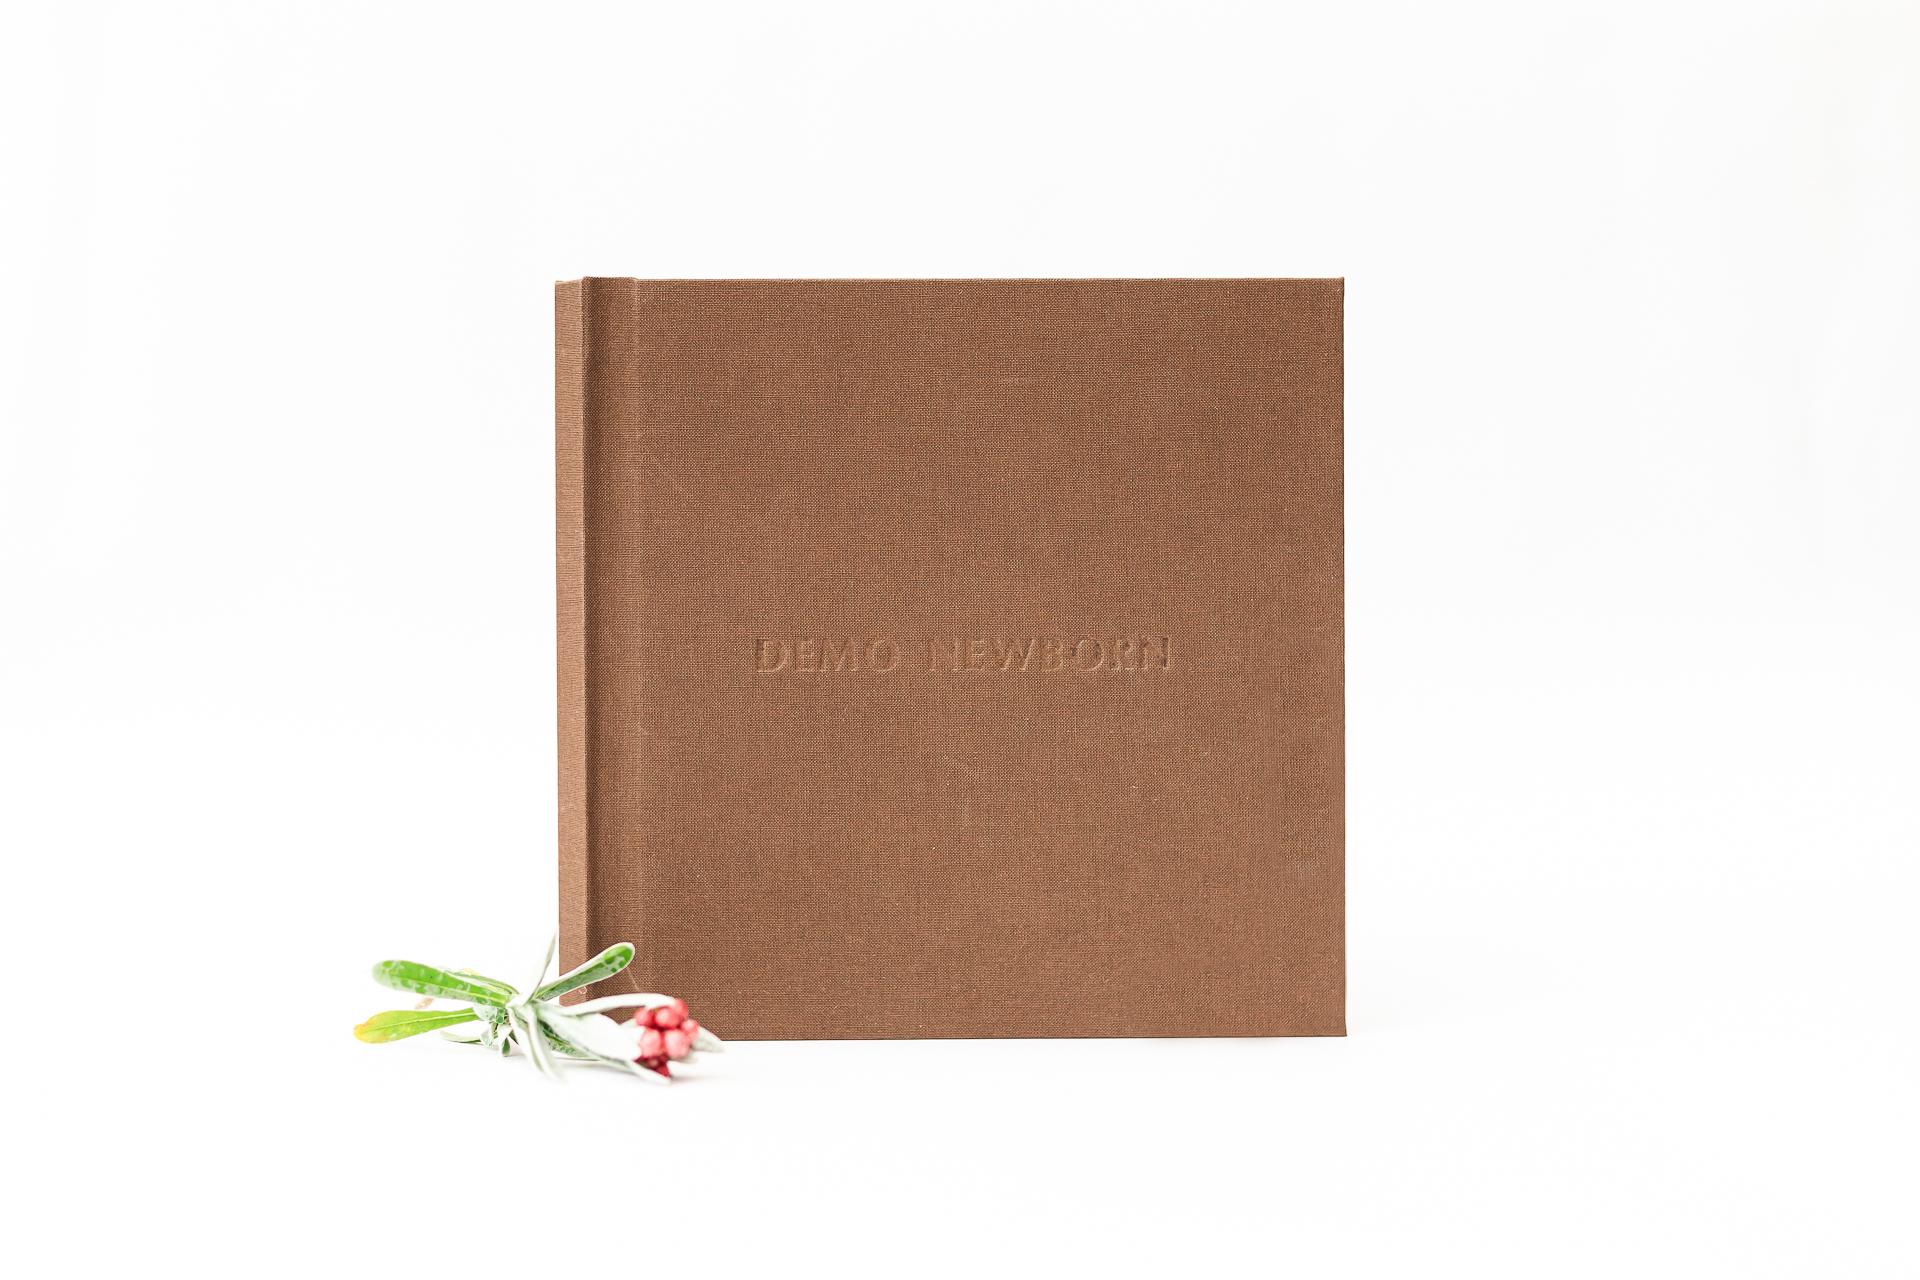 Foto producten voor een tastbare herinnering. 20x20 fineart album met embossing en 10 spreads